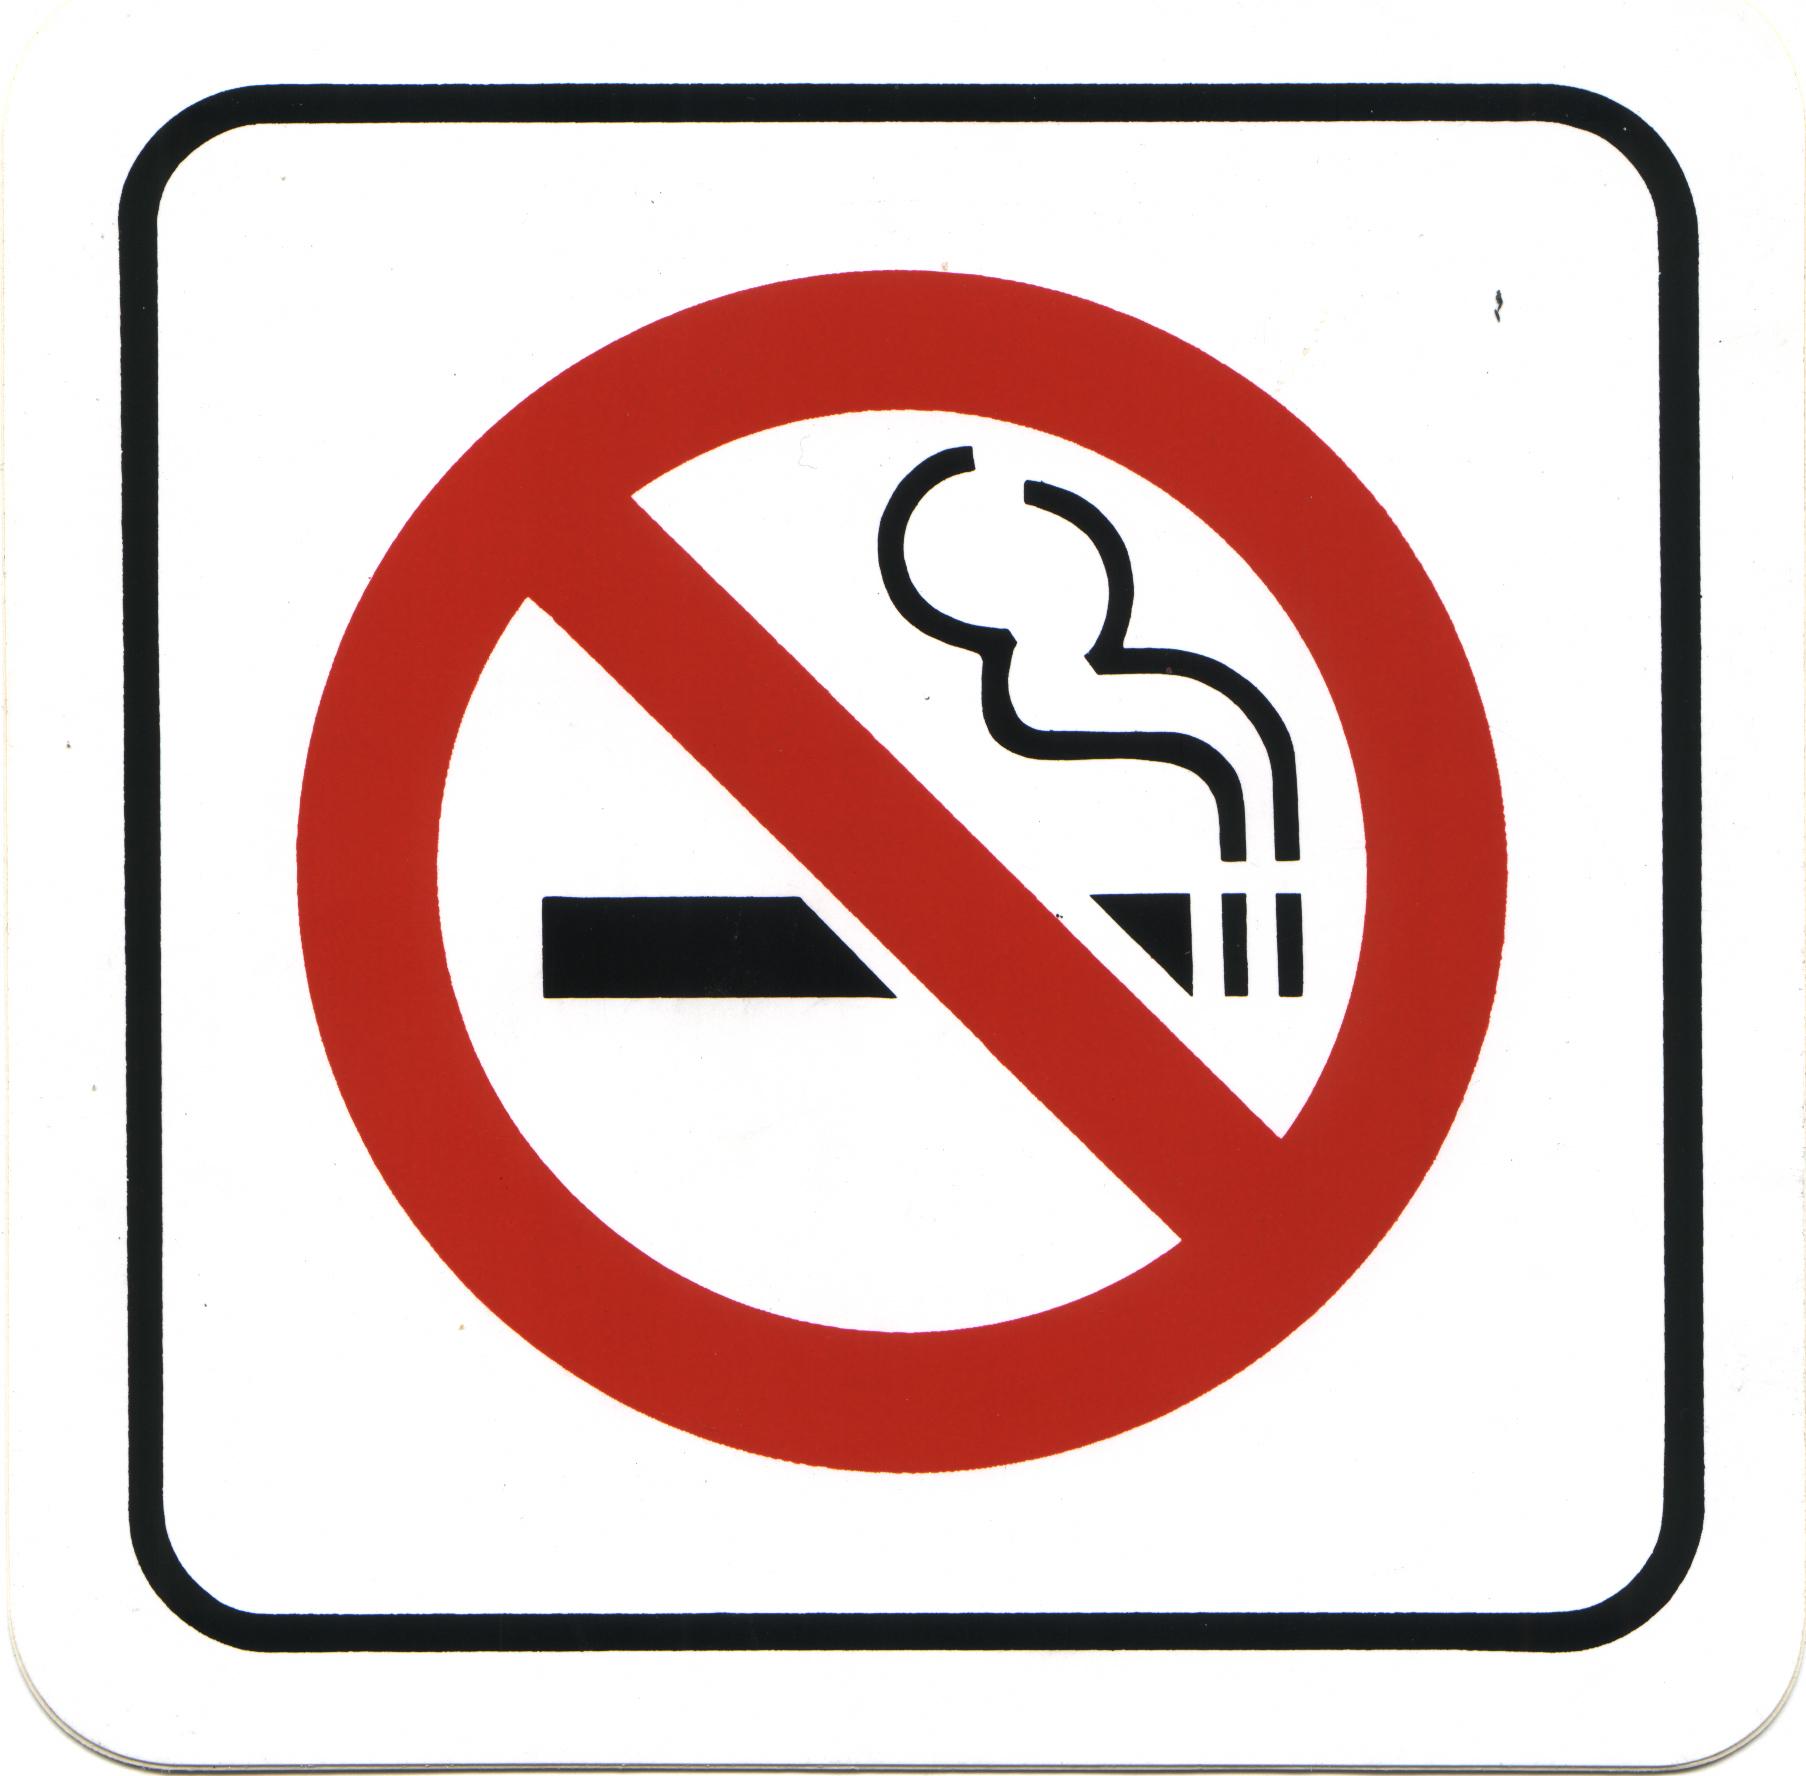 Dopo che smise di fumare cambiamenti in un corpo umano